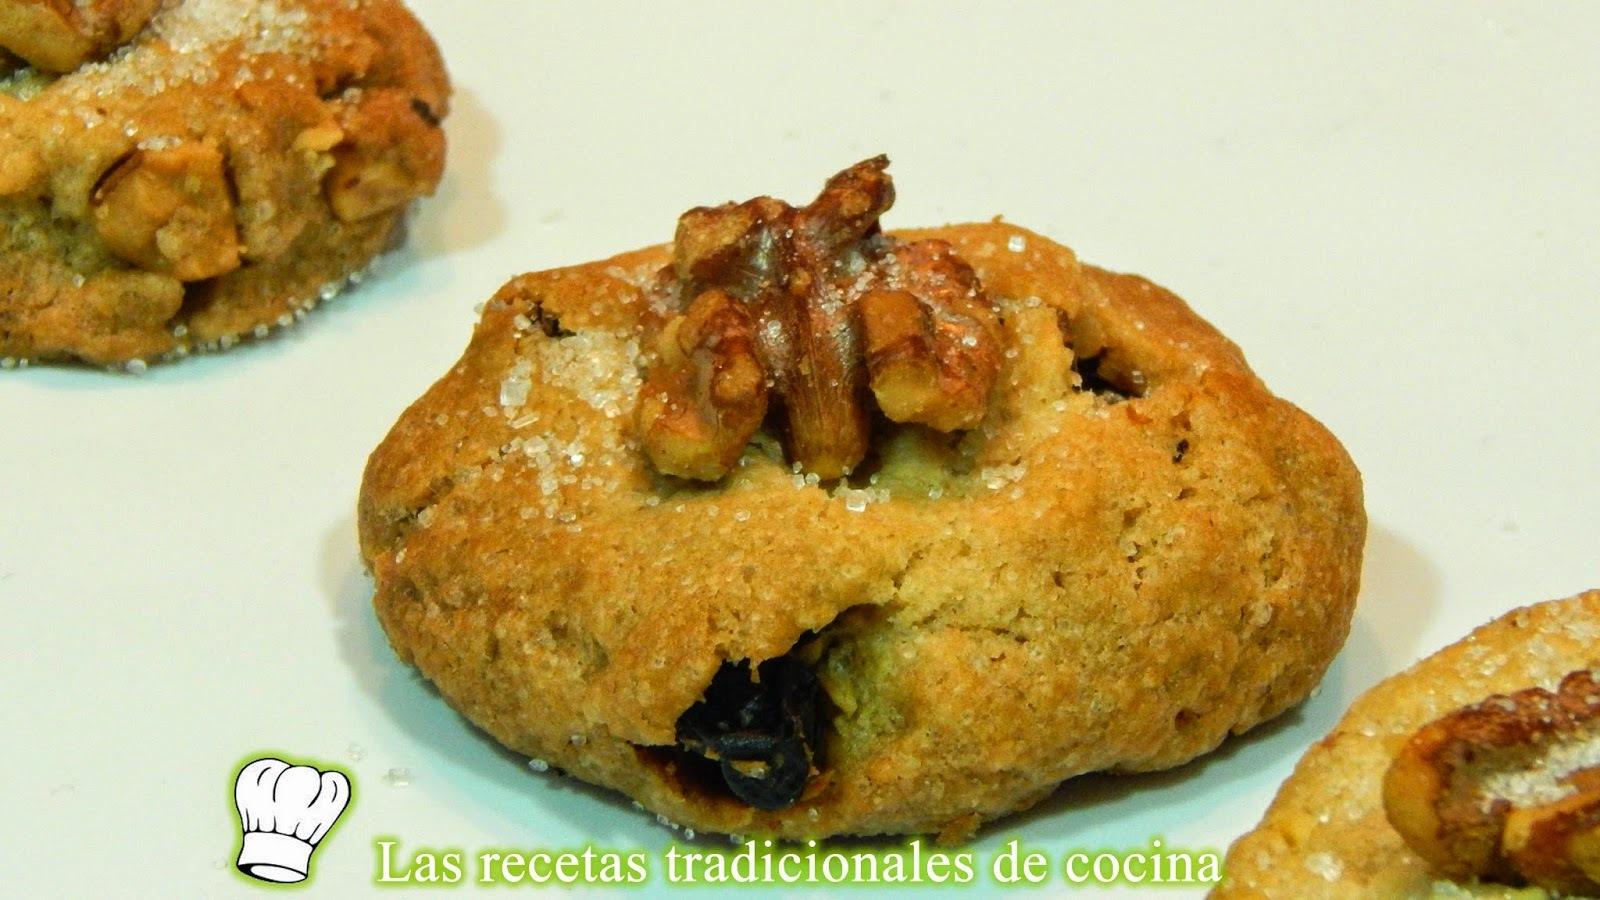 Receta de galletas de anís con nueces y pasas